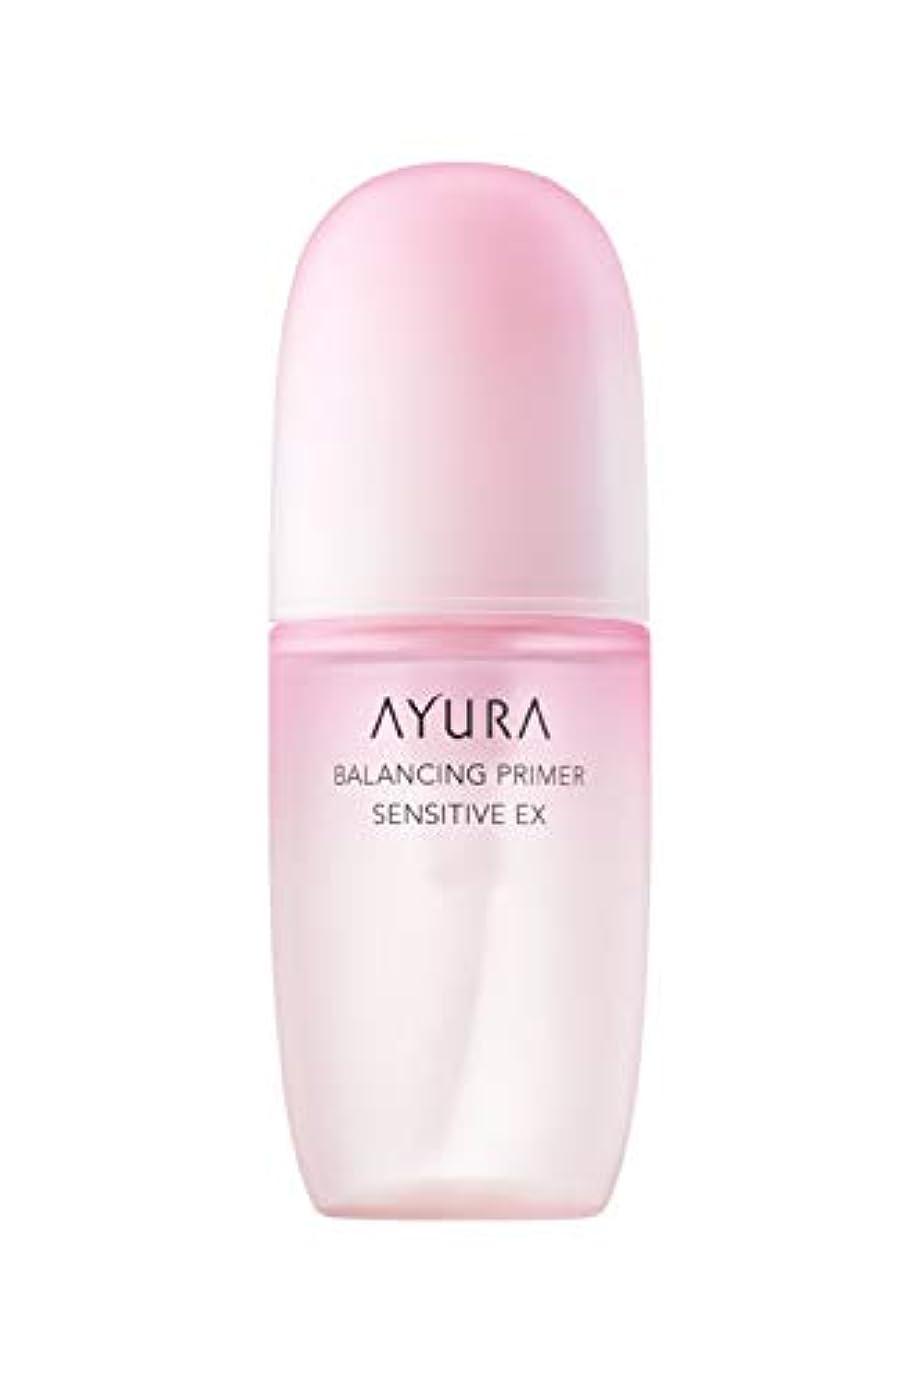 王女印をつける配分アユーラ (AYURA) バランシング プライマー センシティブ EX (医薬部外品) < 化粧液 > 100mL 透明感としなやかなはりのある 健やかな肌へ エッセンス ローションタイプ 敏感肌用